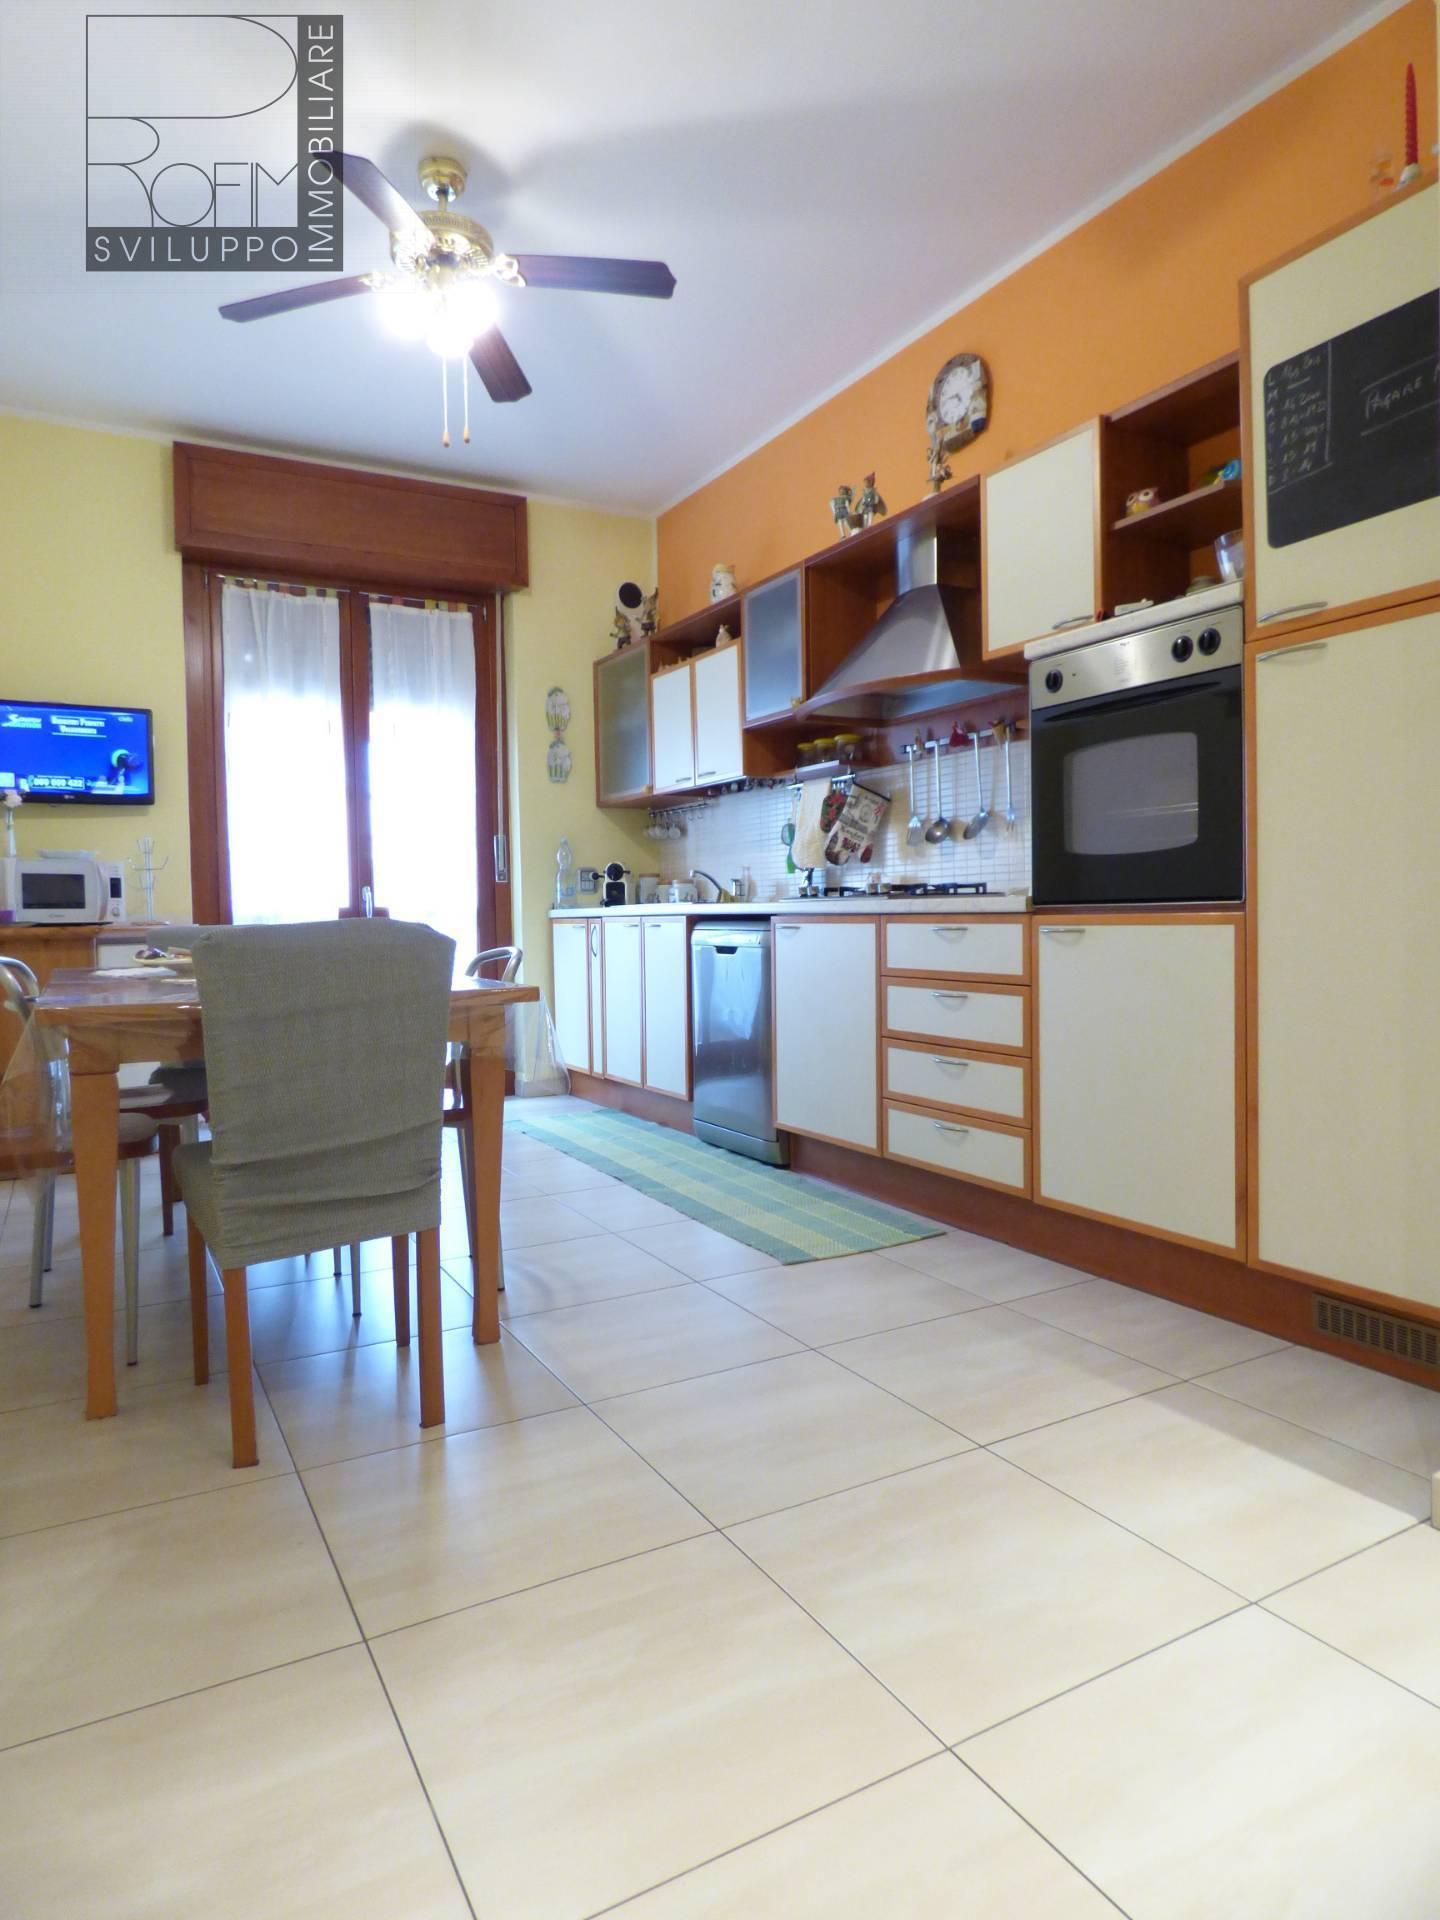 Appartamento in vendita a Paullo, 3 locali, prezzo € 160.000   CambioCasa.it